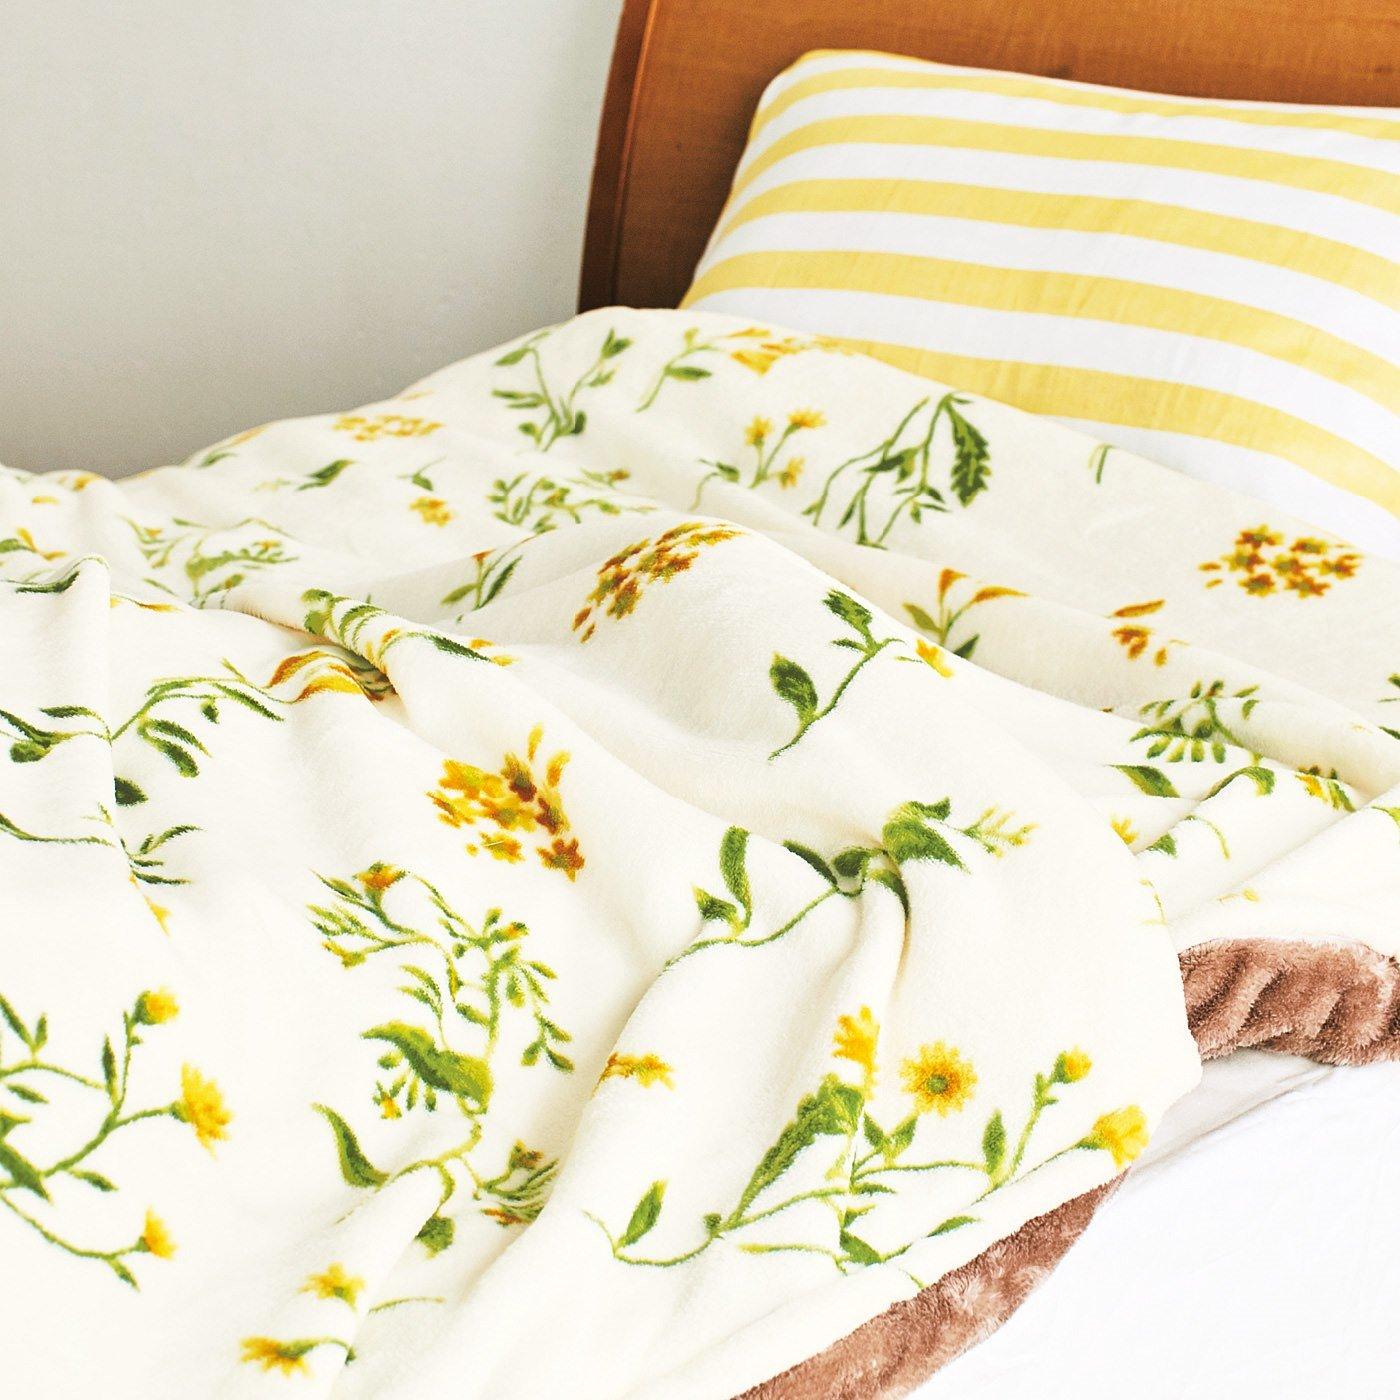 眠気を誘うとろけるタッチ 毛布いらずリバーシブル掛け布団カバー〈シングル〉の会